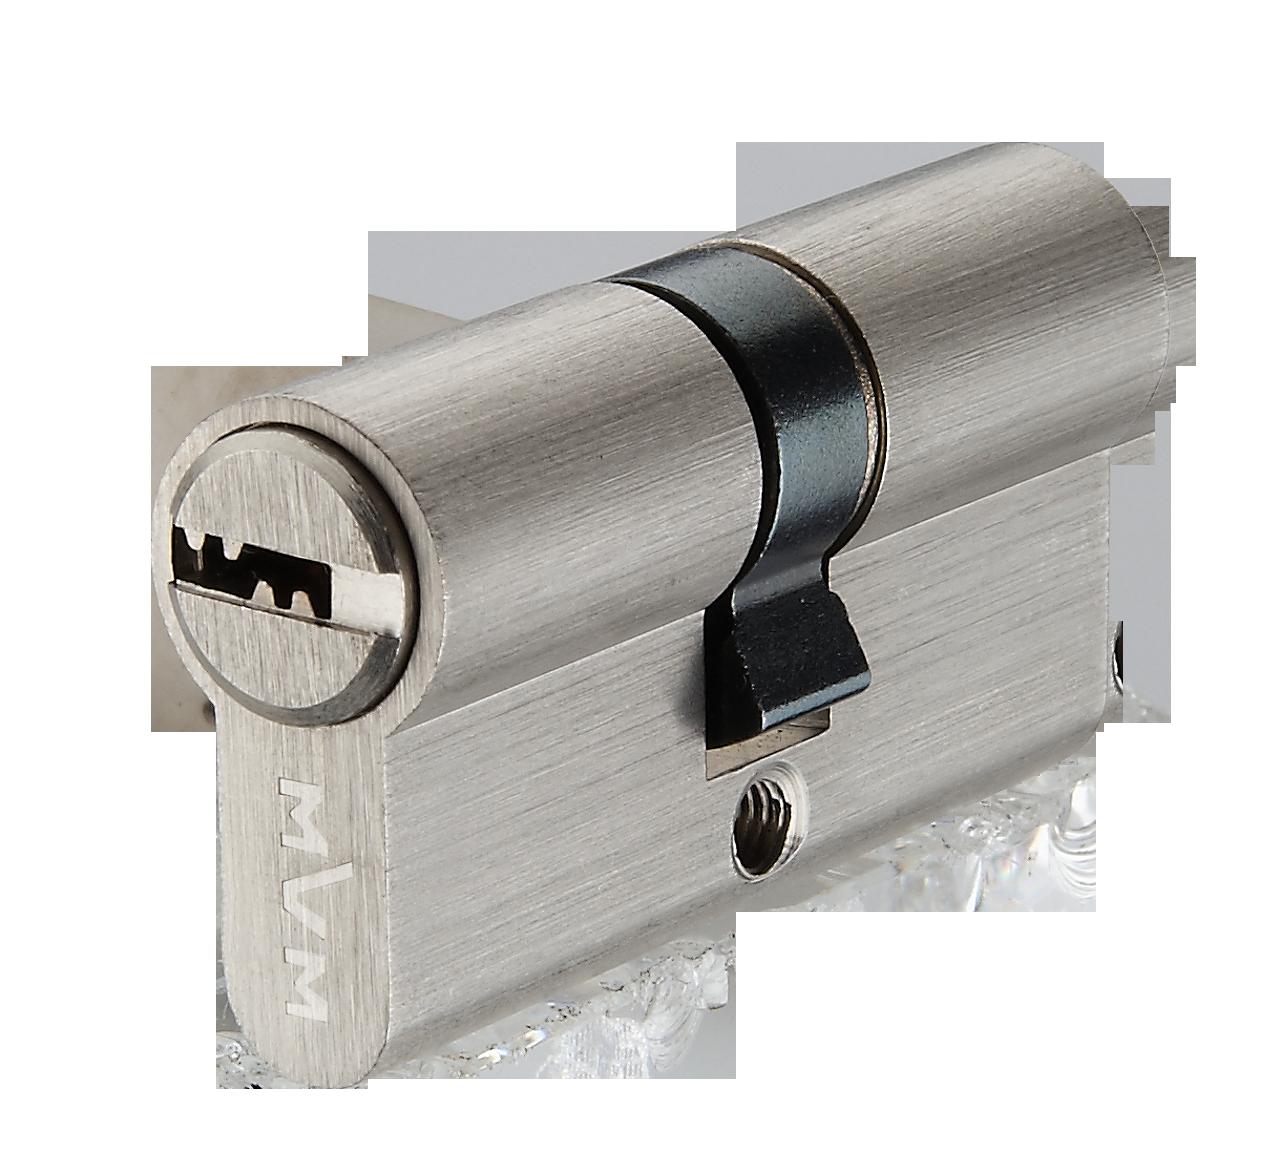 Цилиндр перф. ключ, матовый никель MVM Р6Р 35/35 SN